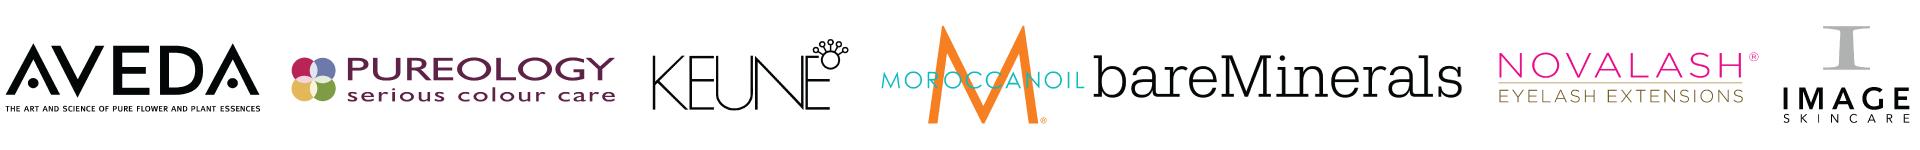 Keune Logo Bare Minerals Logo Moroccan Oil Logo